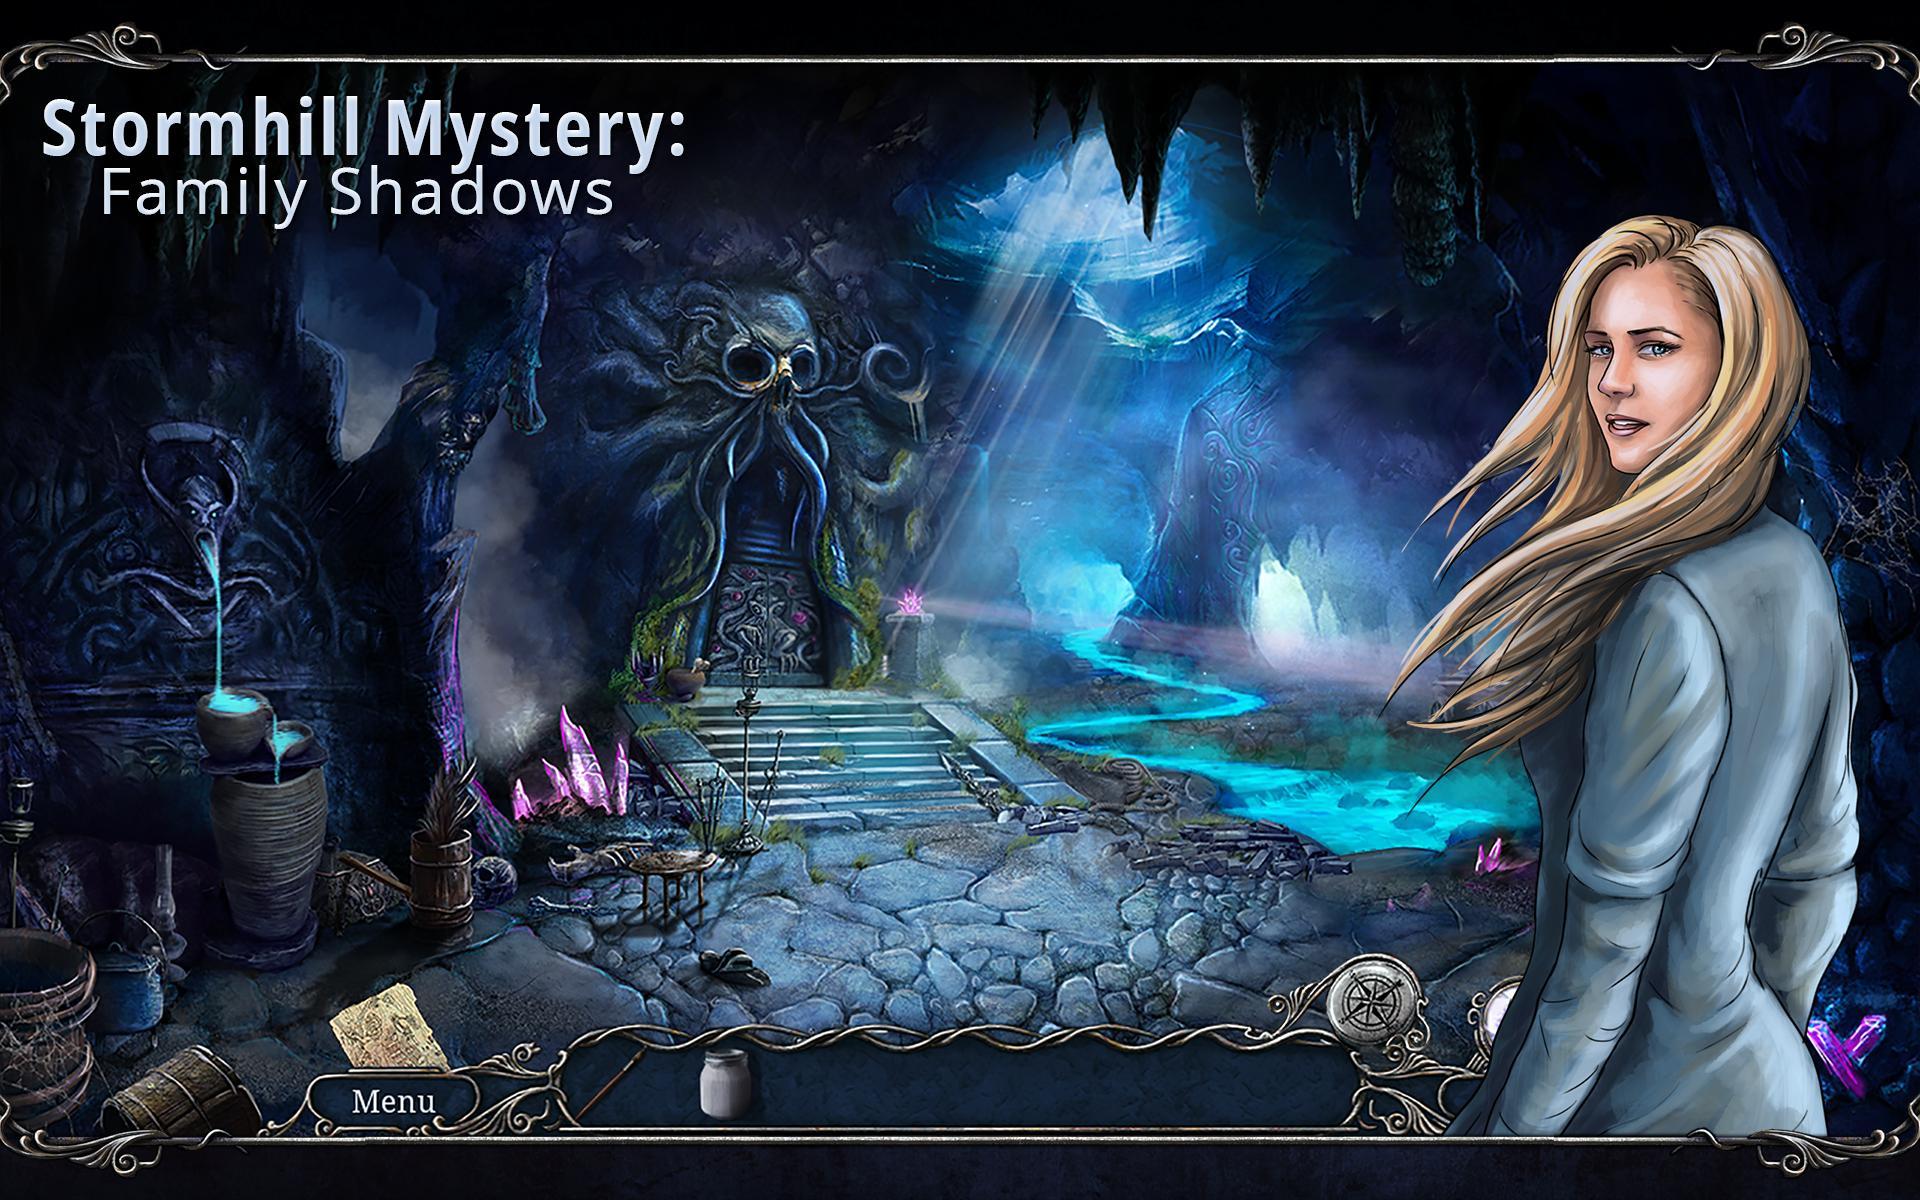 Stormhill Mystery: Family Shadows 1.1 Screenshot 13